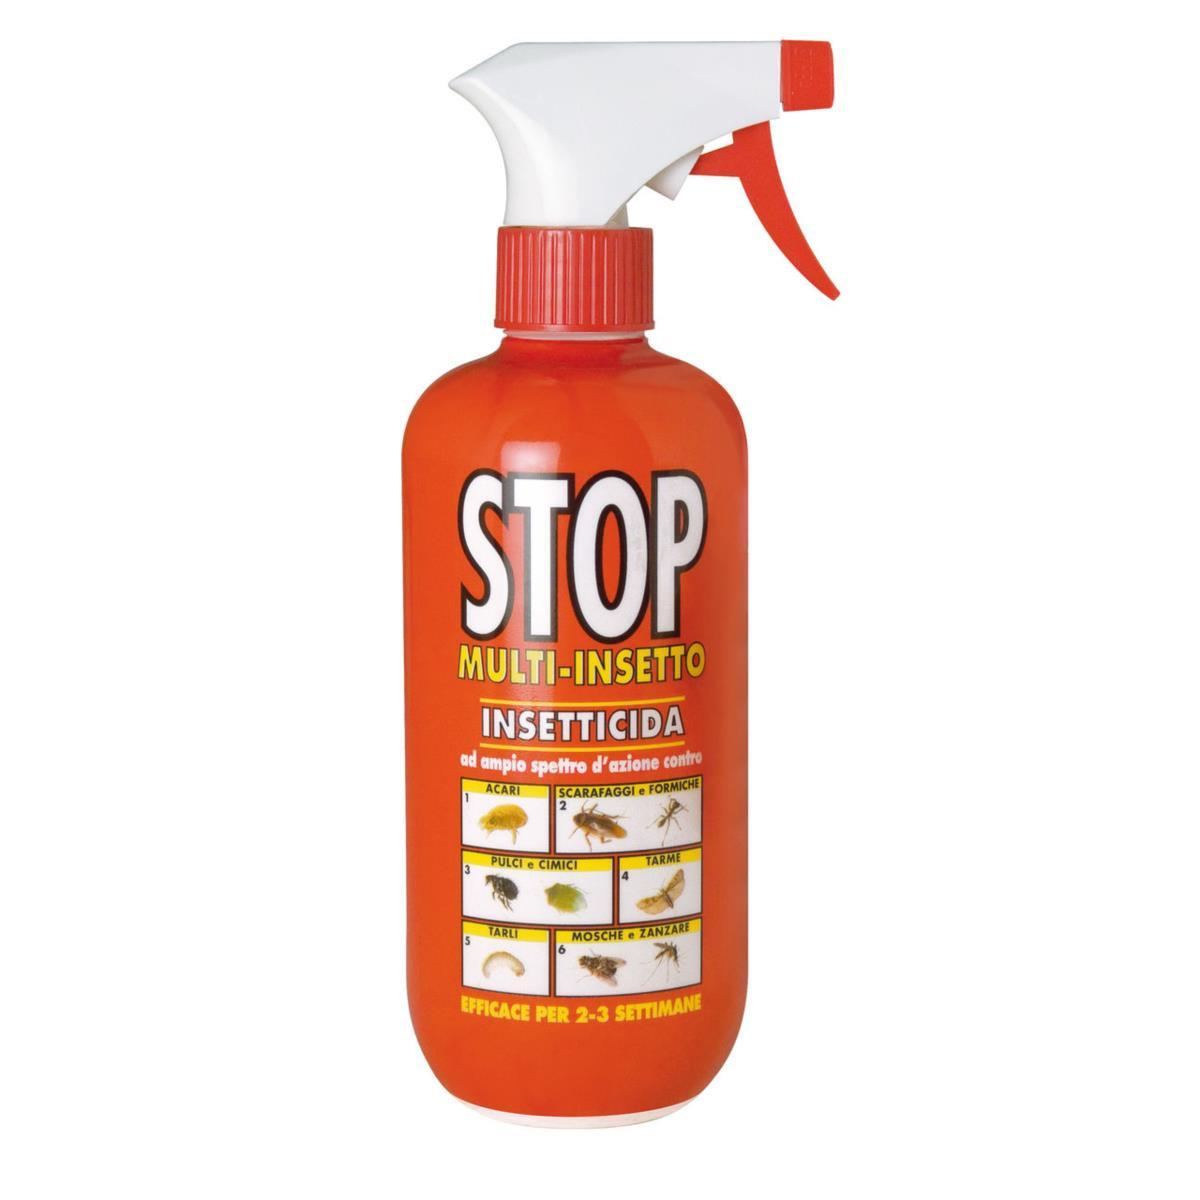 STOP MULTI INSETTO NO GAS 375 ML